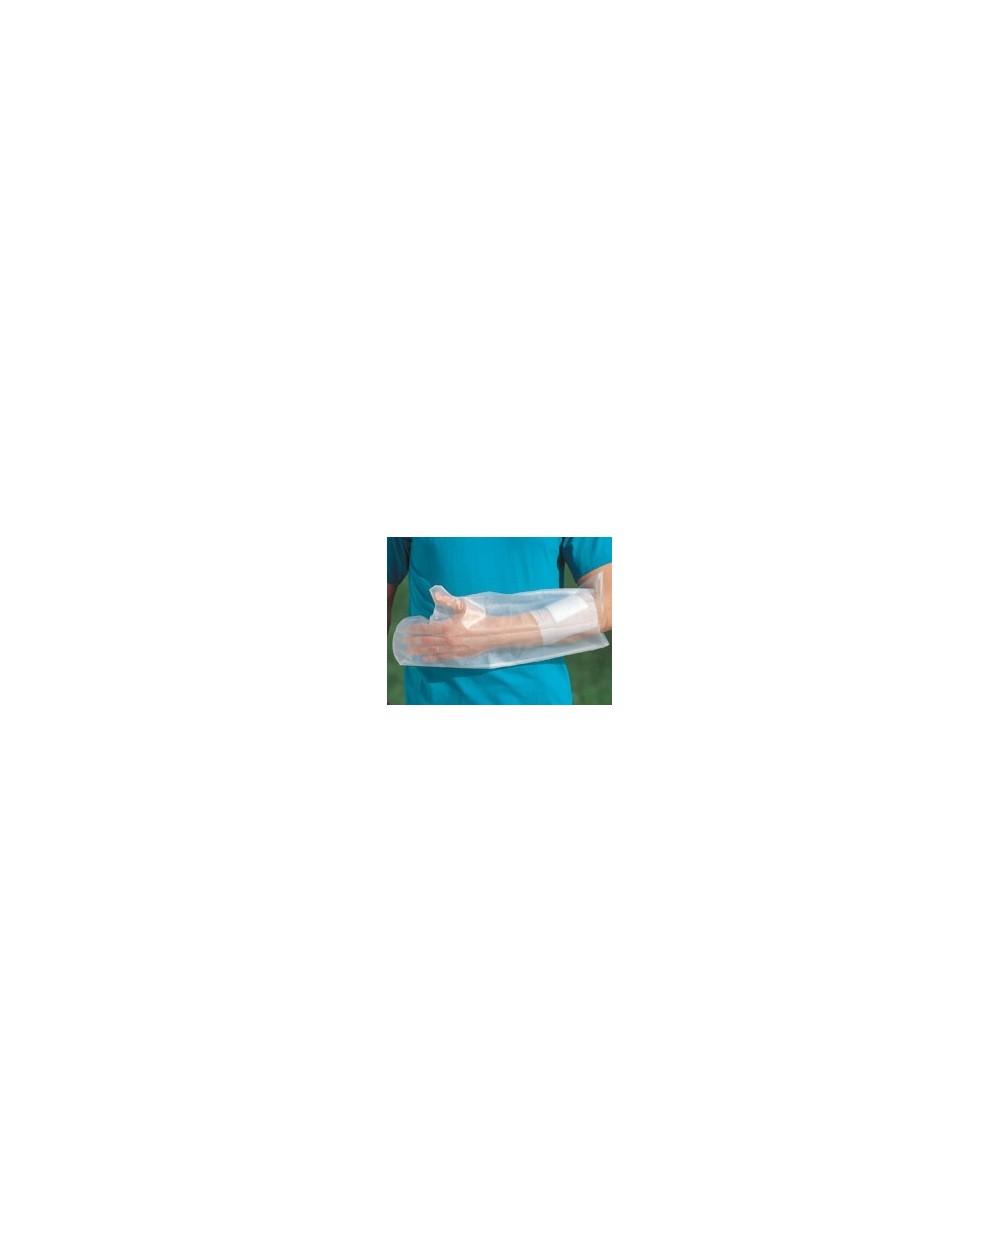 Housse étanche pour plâtre de l'avant-bras, taille S.